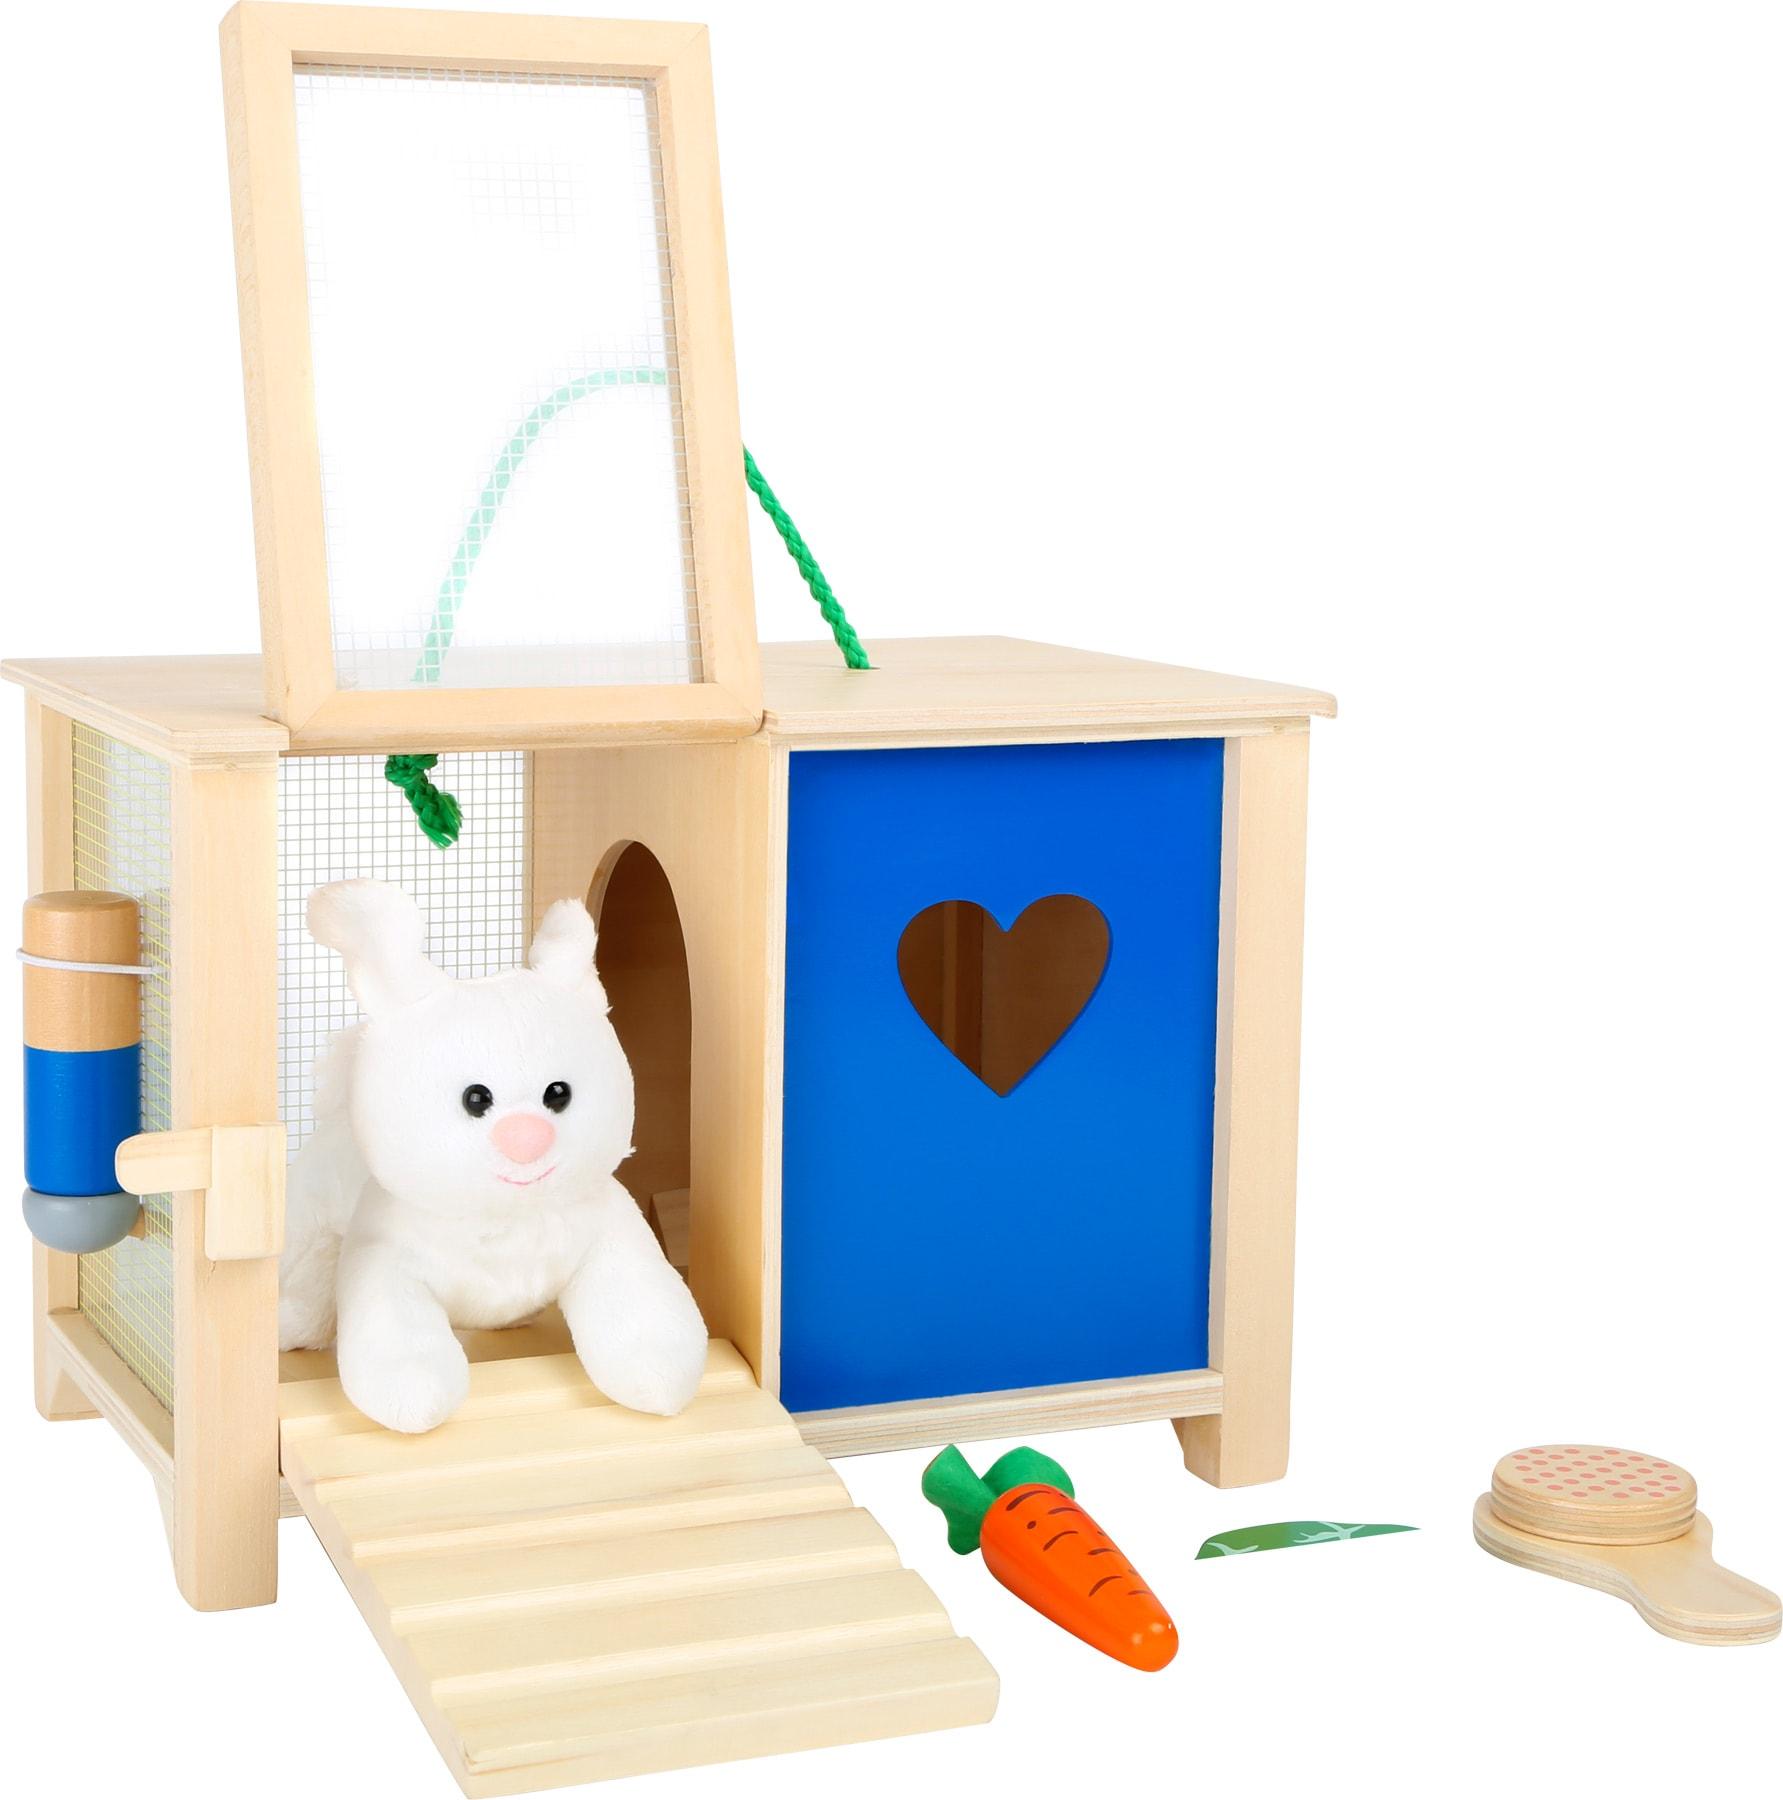 Houten konijnhuisje speelgoed